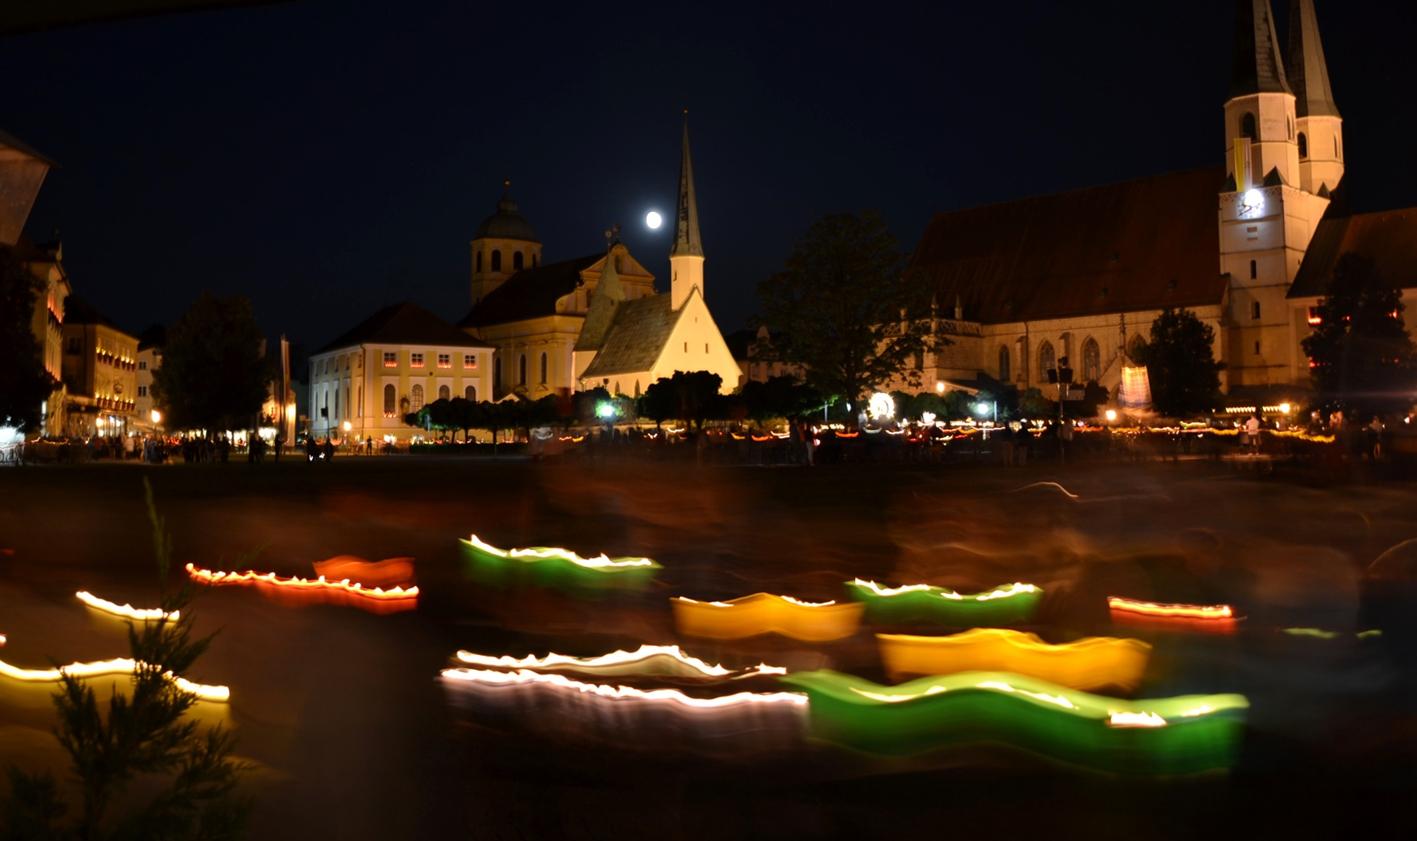 2019-lichterprozession-altoetting-festtag-mariae-himmelfahrt